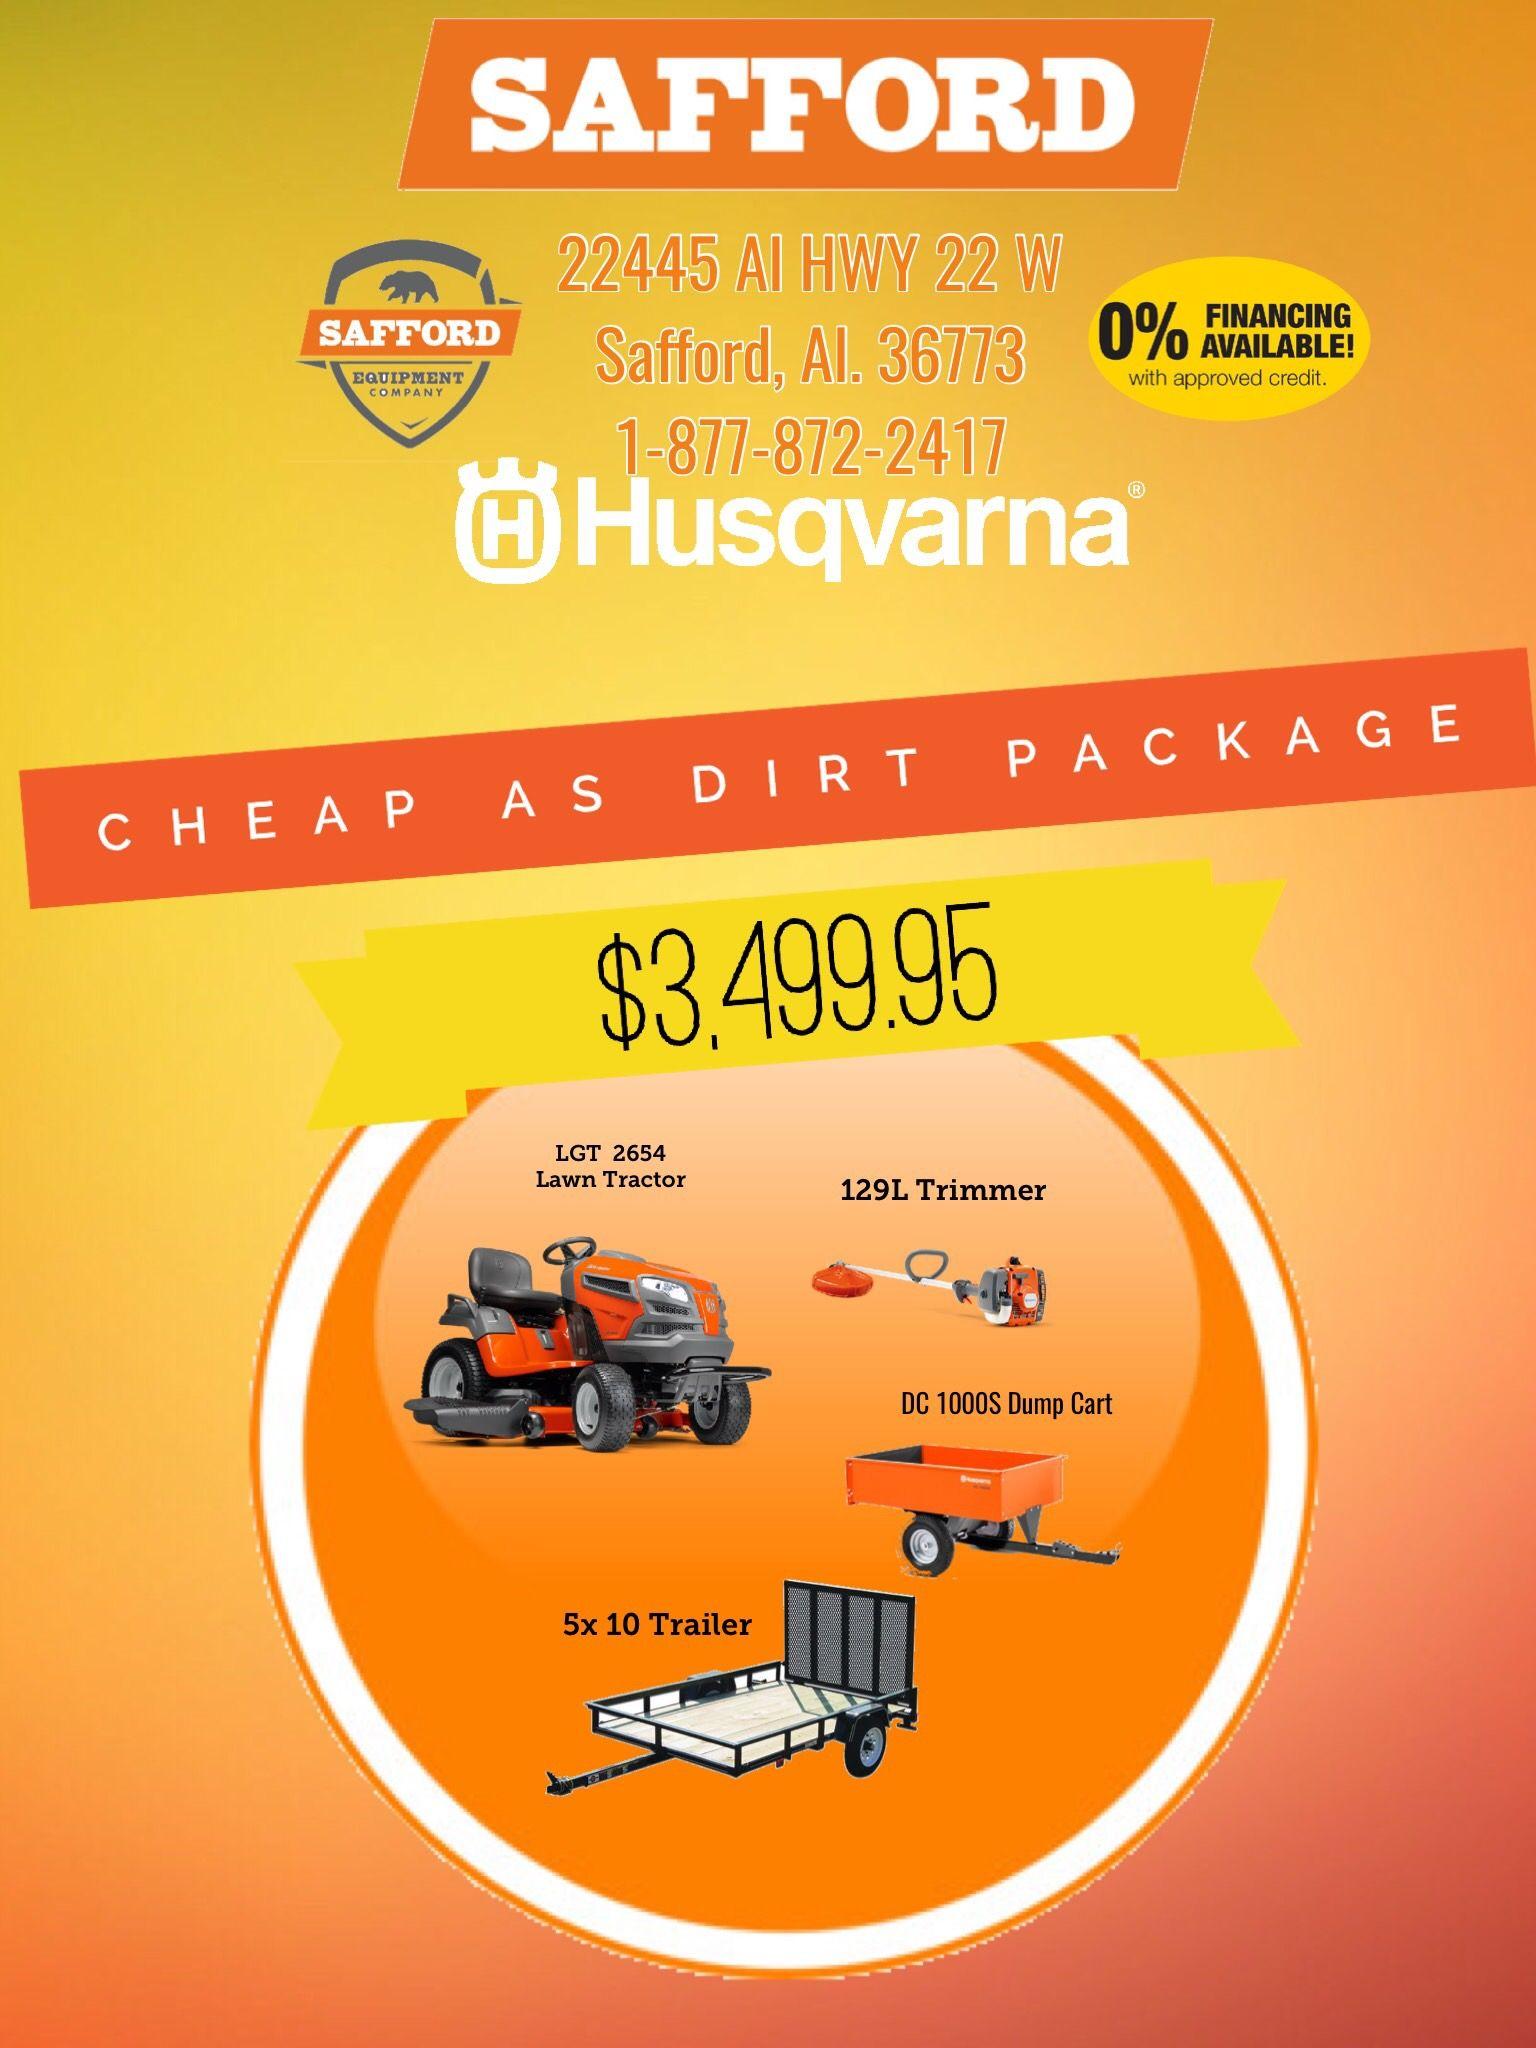 18778722417 safford equipment alabama husqvarna dealer